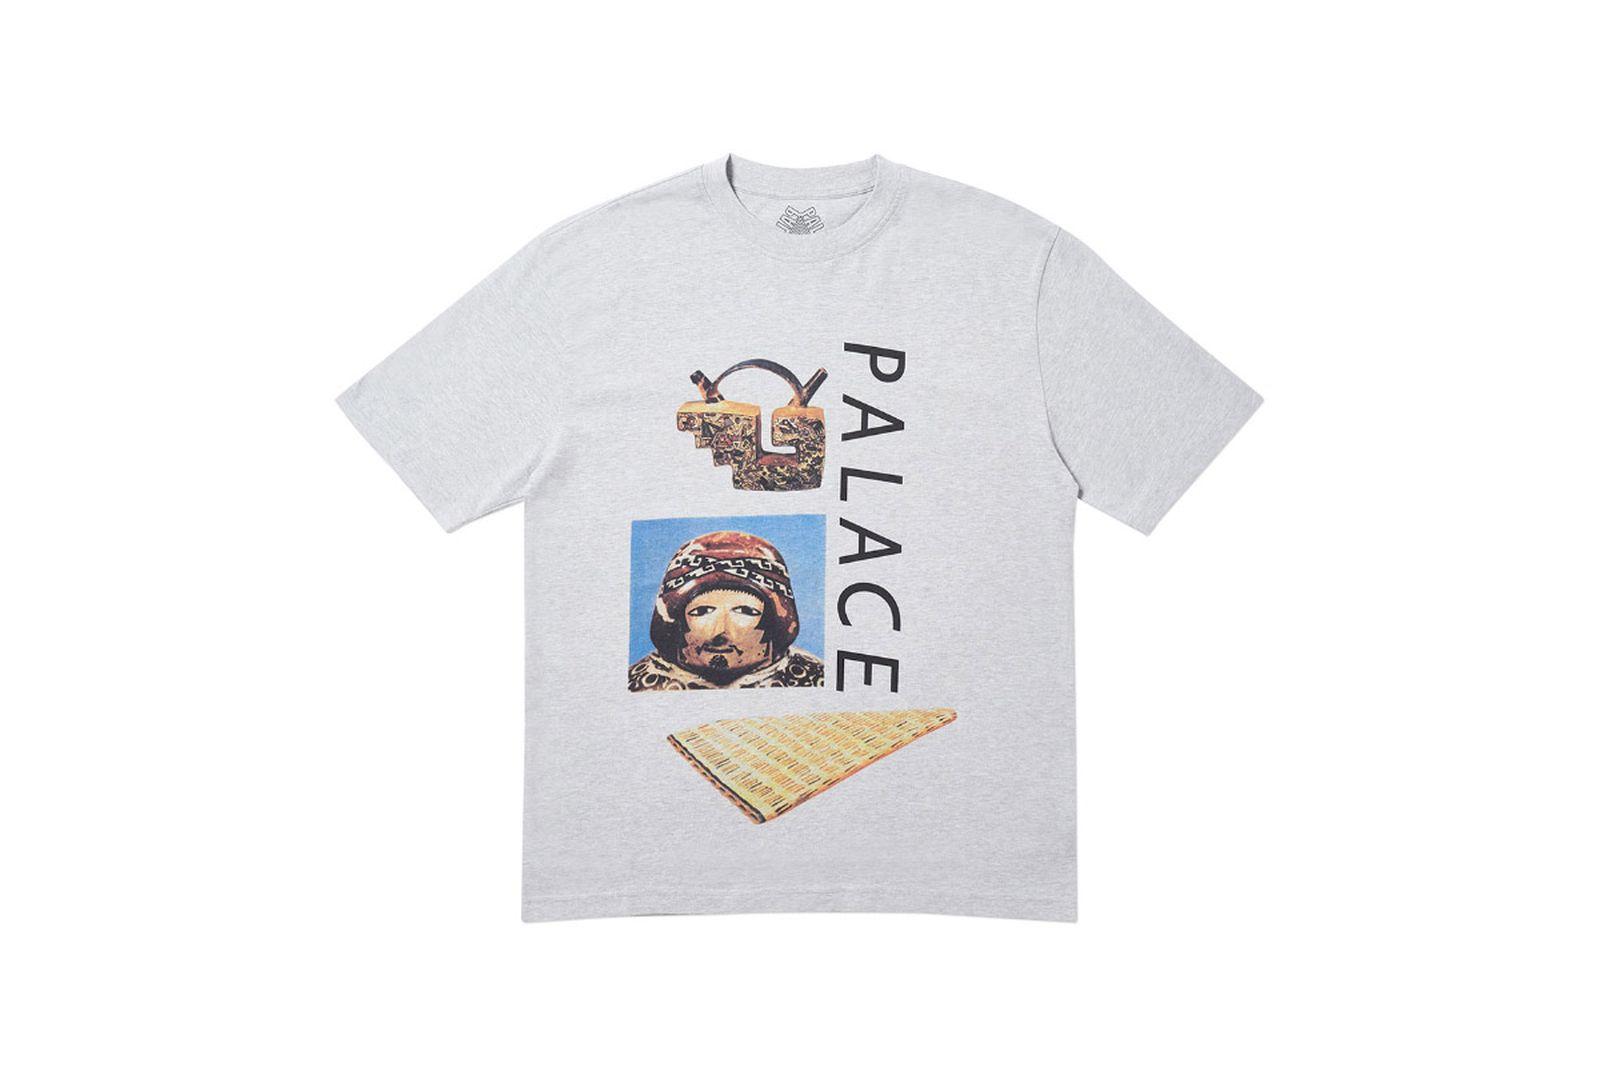 Palace 2019 Autumn T Shirt Tactic grey marl